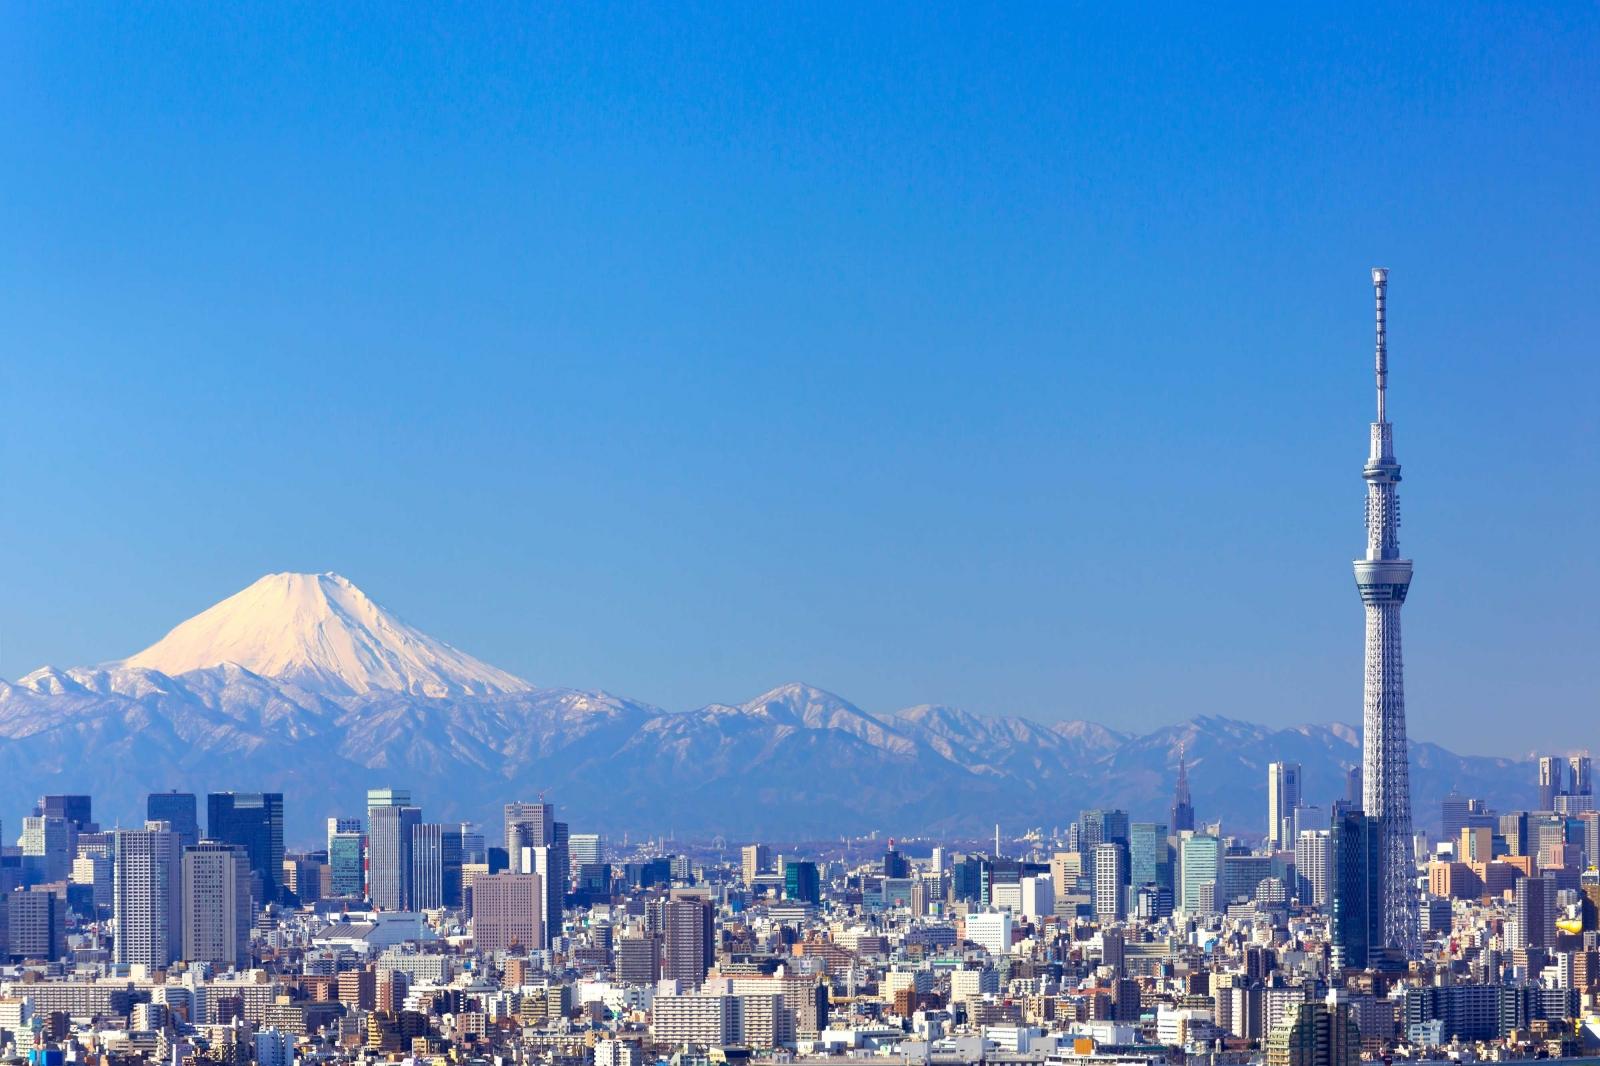 Bỏ túi kinh nghiệm du lịch Nhật Bản từ A-Z: vi vu xứ xở hoa anh đào